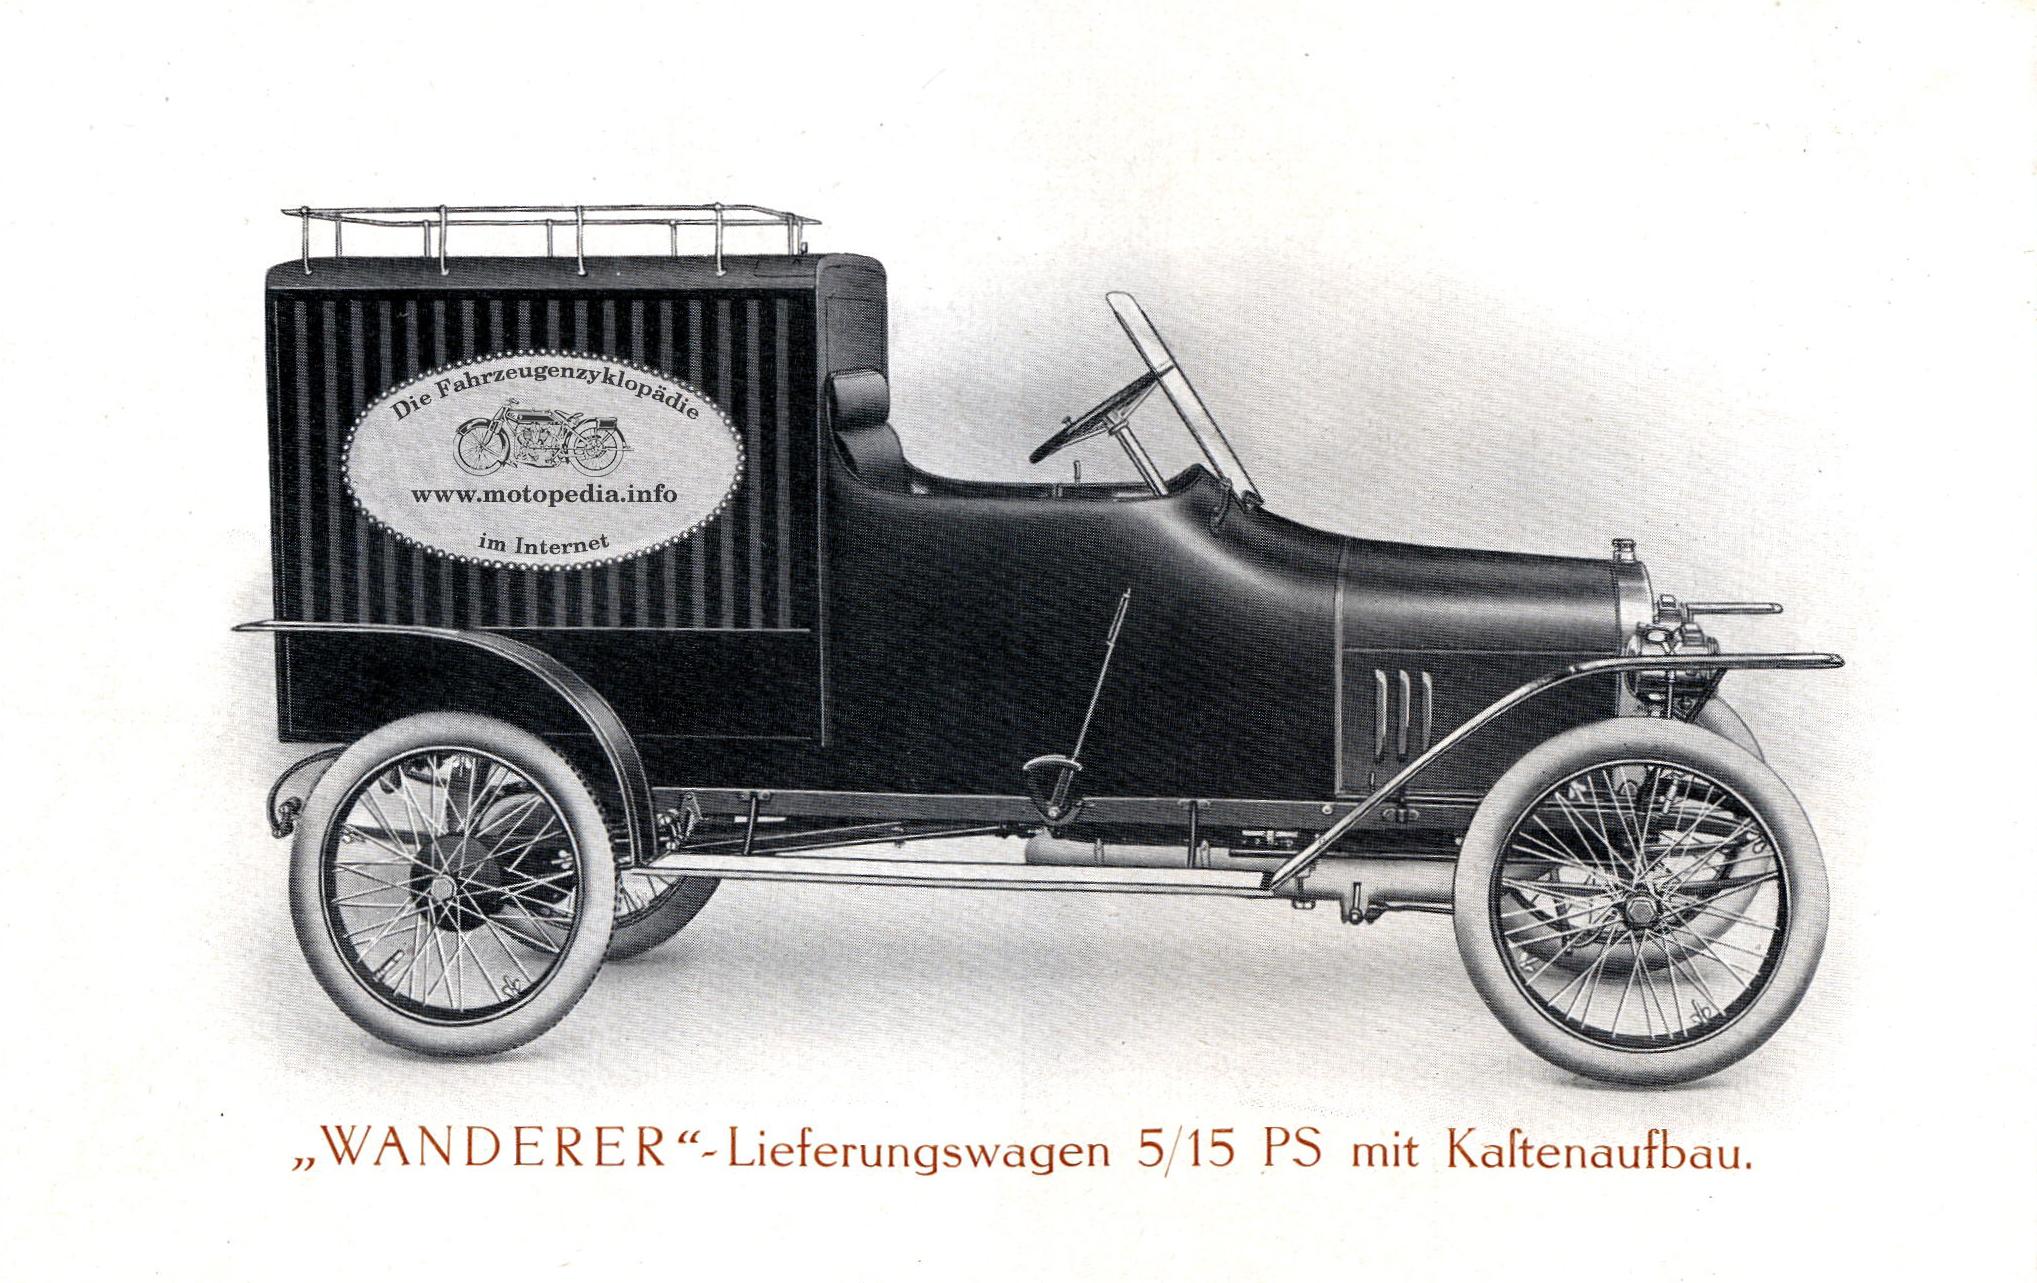 Wanderer Lieferwagen mit Motopedia Logo